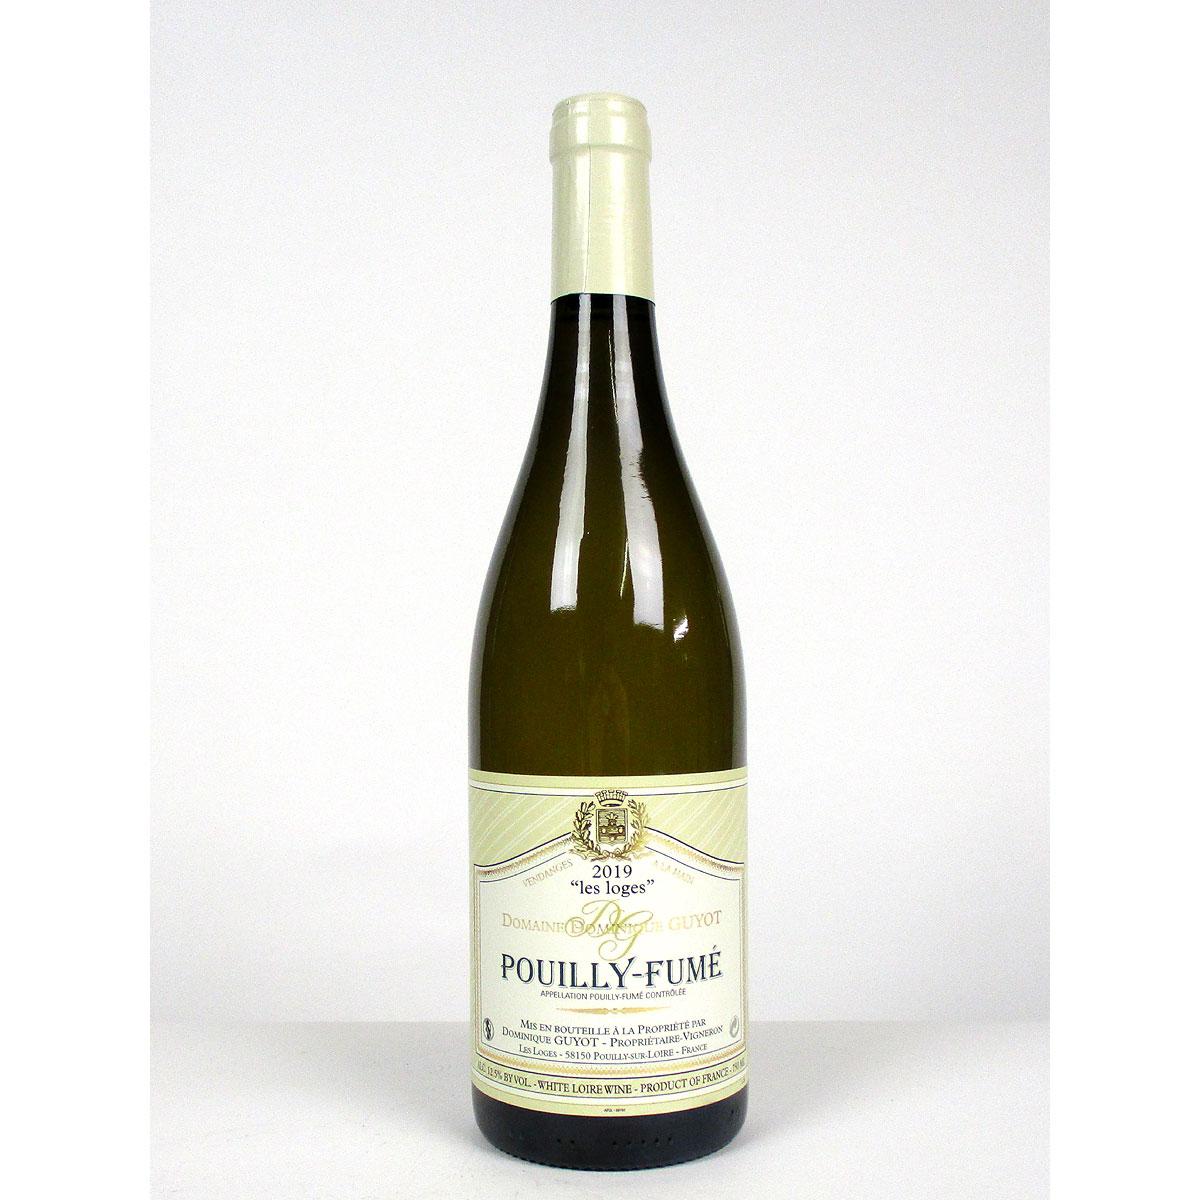 Pouilly-Fumé: Domaine Dominique Guyot 'Les Loges' 2019 - Bottle